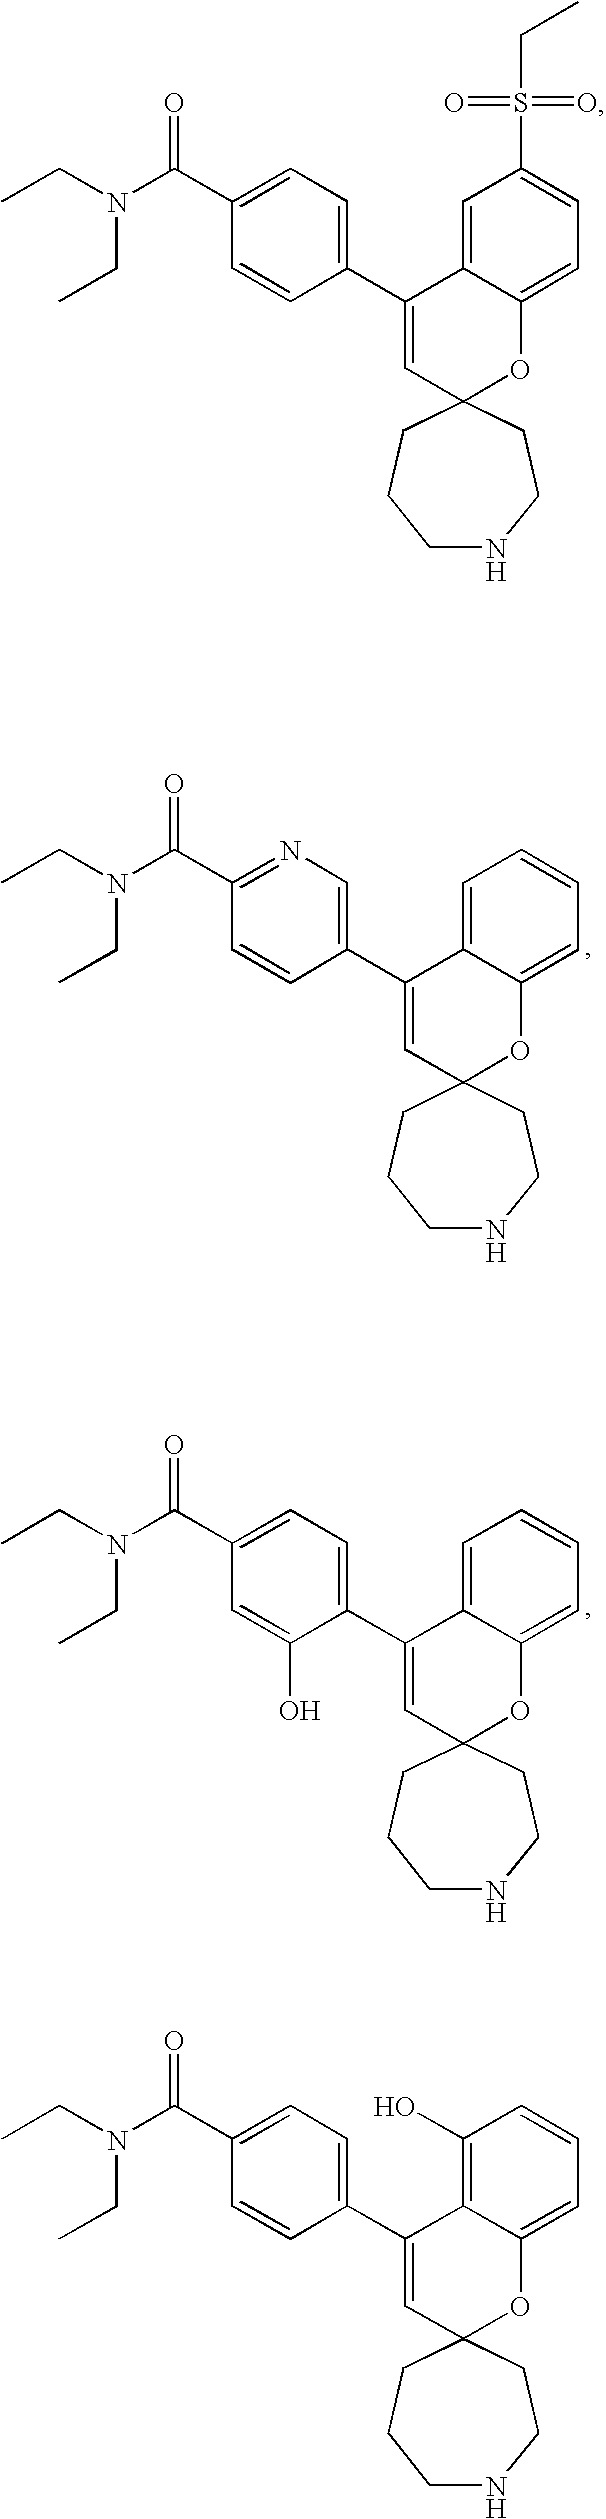 Figure US07598261-20091006-C00037